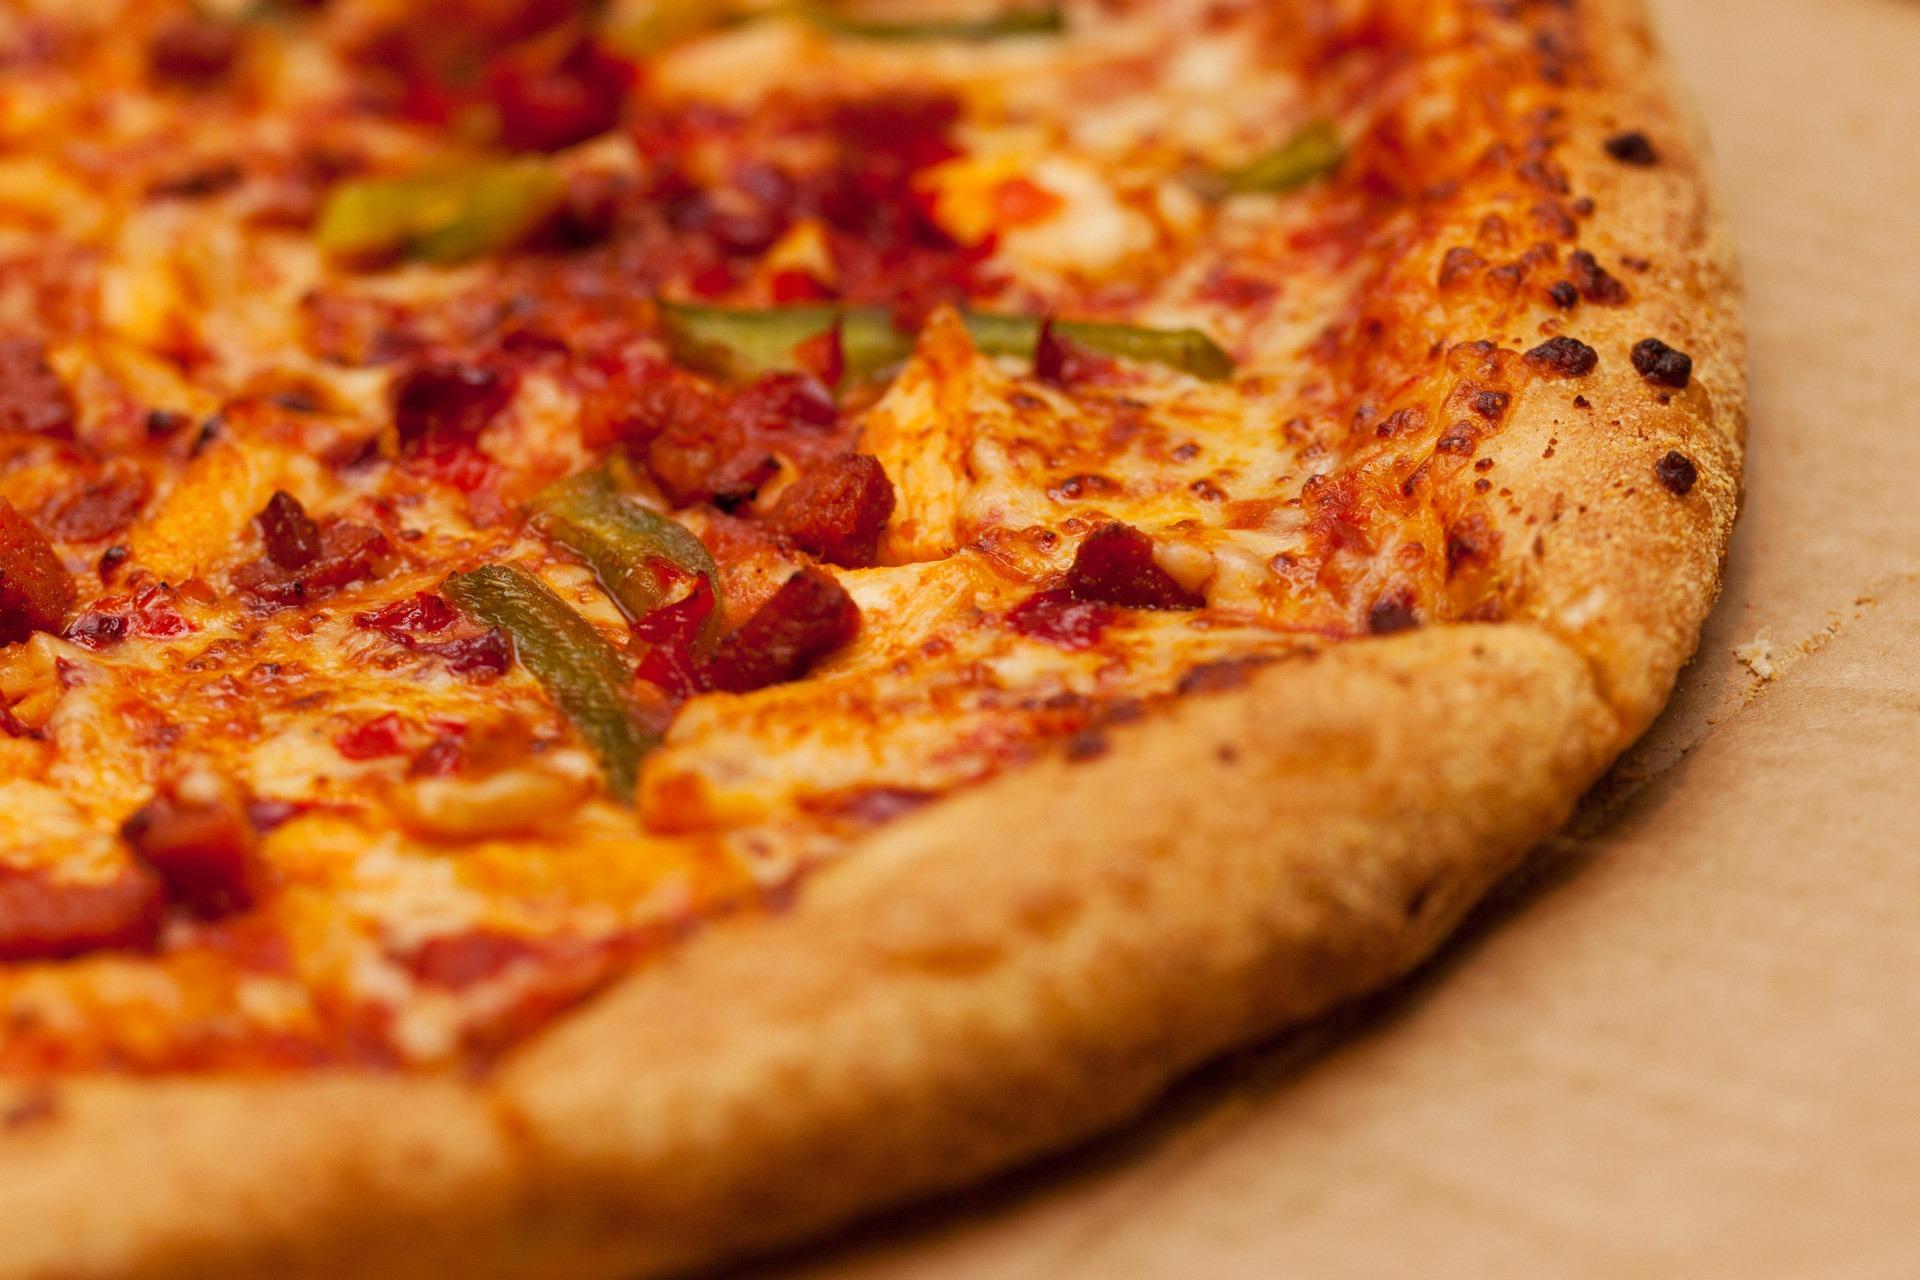 Kostenlose foto : Gericht, Mahlzeit, Lebensmittel, Pfeffer, frisch ...